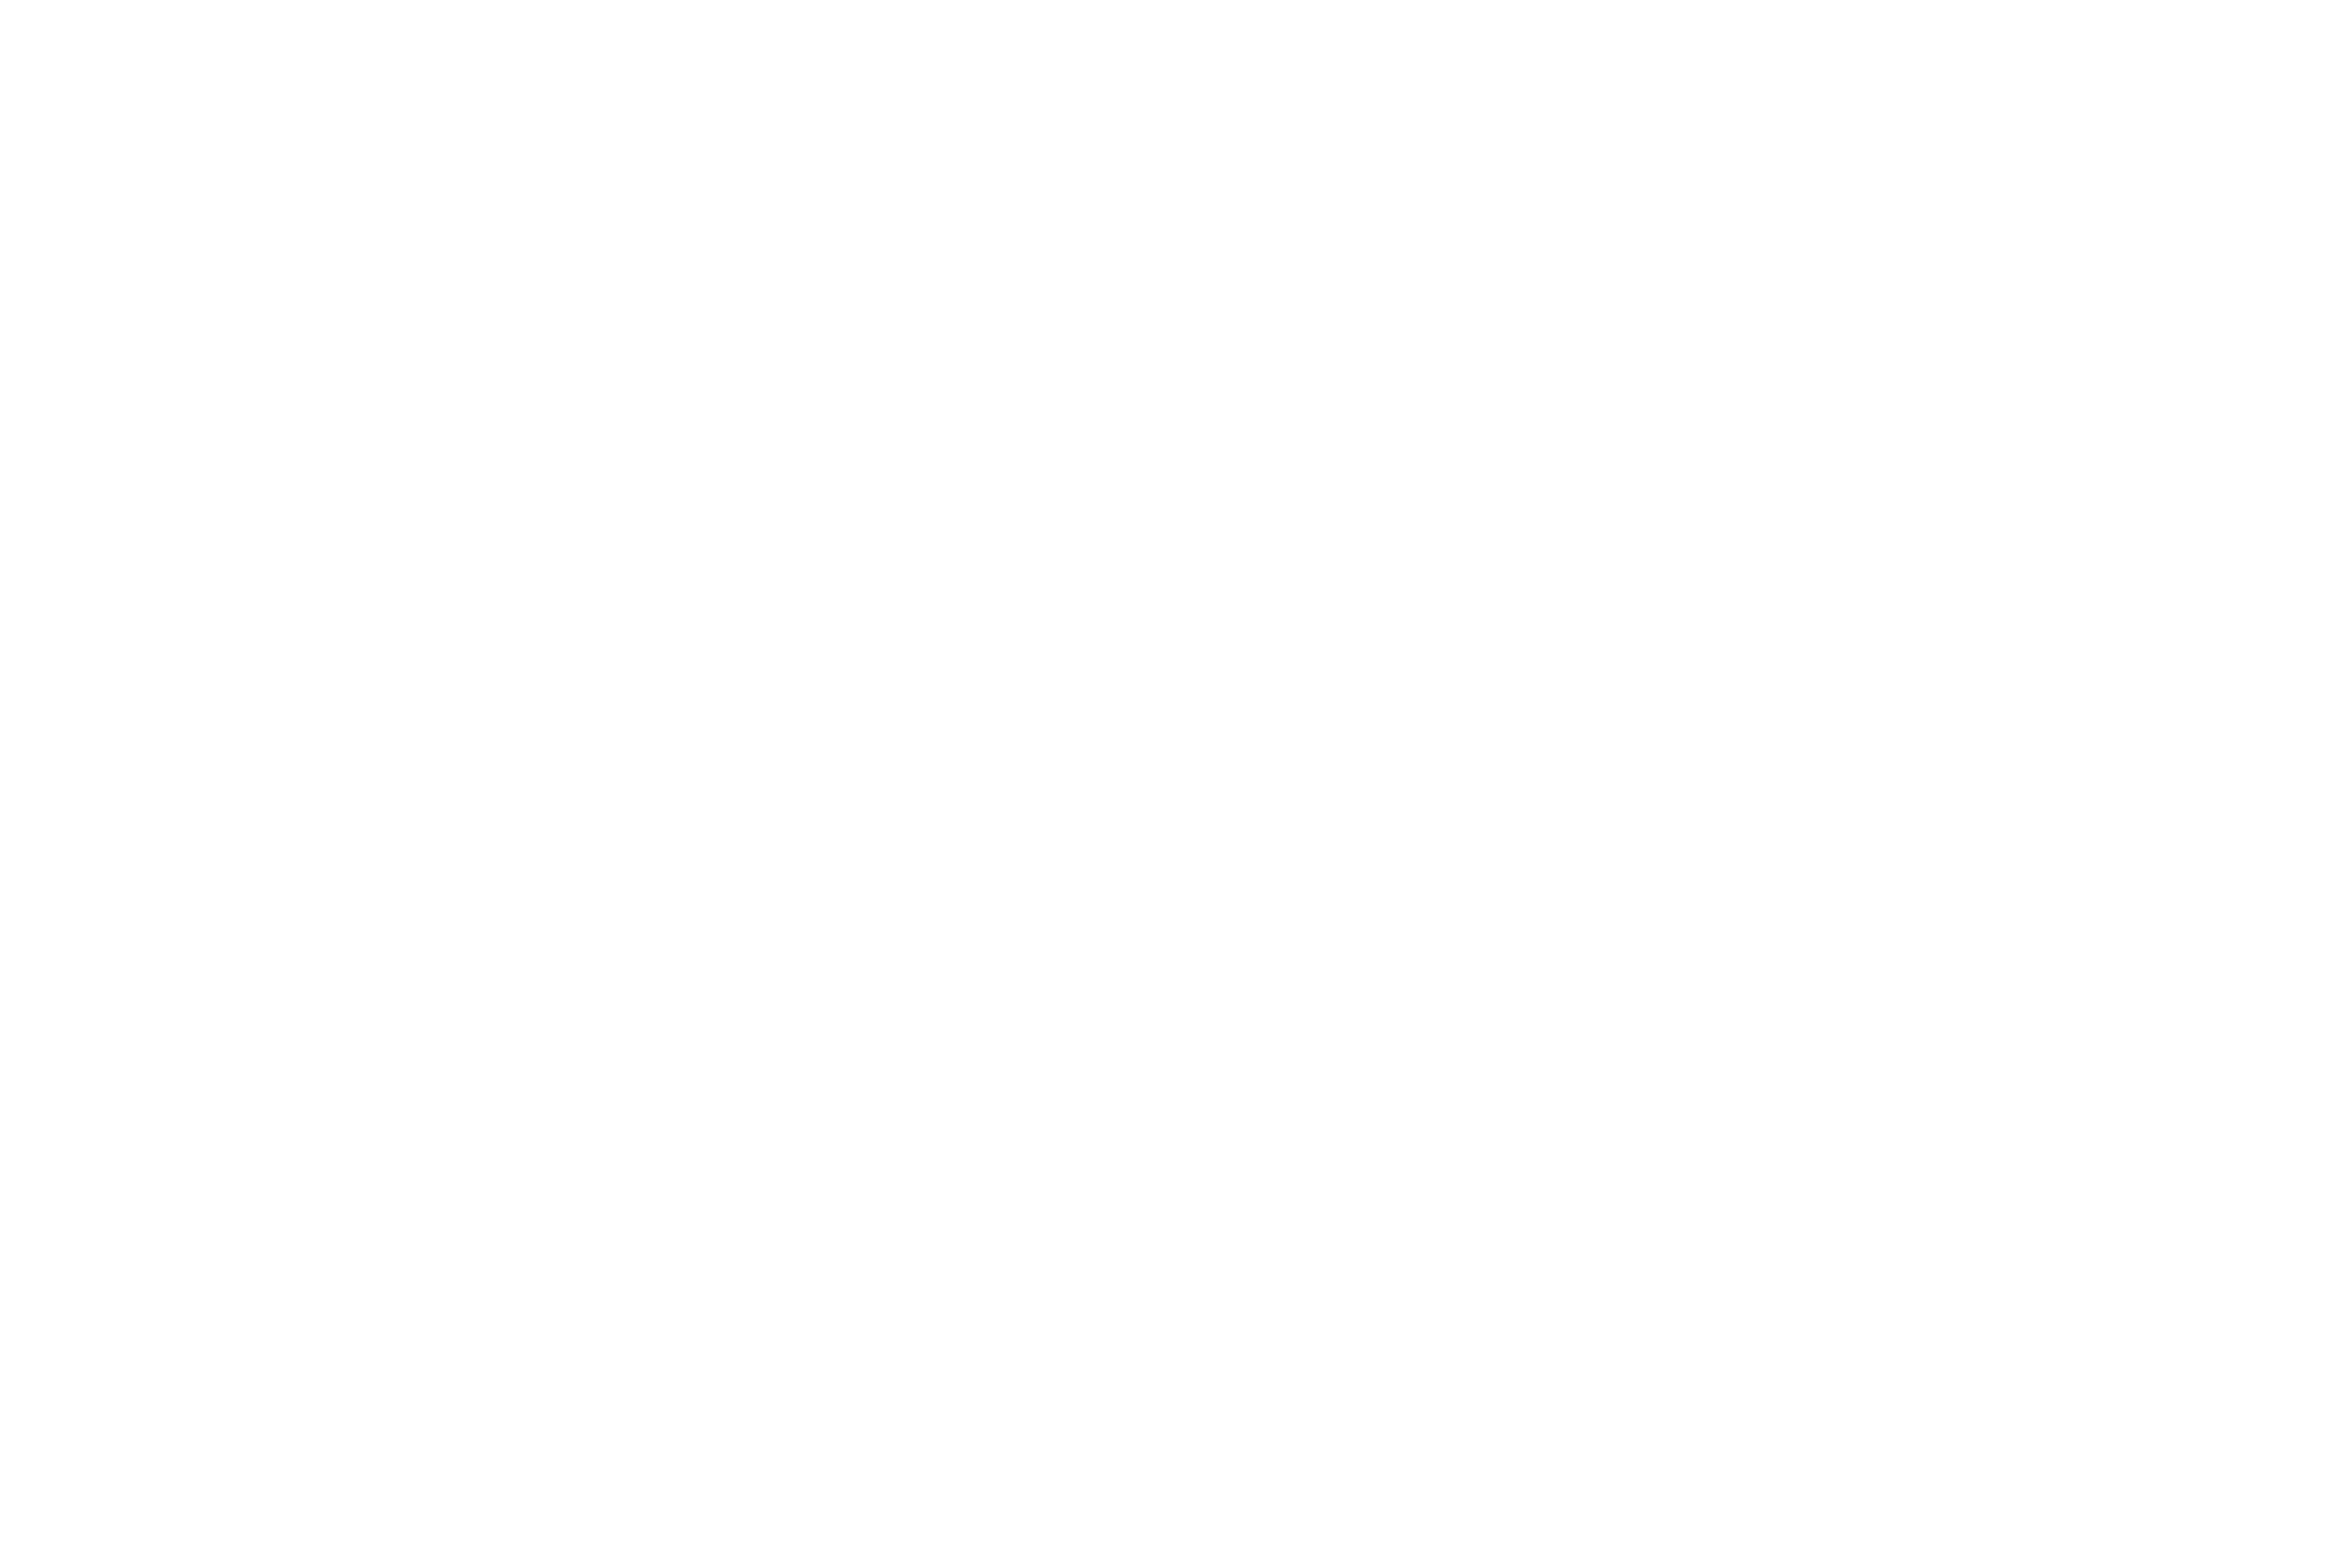 Social Club TV